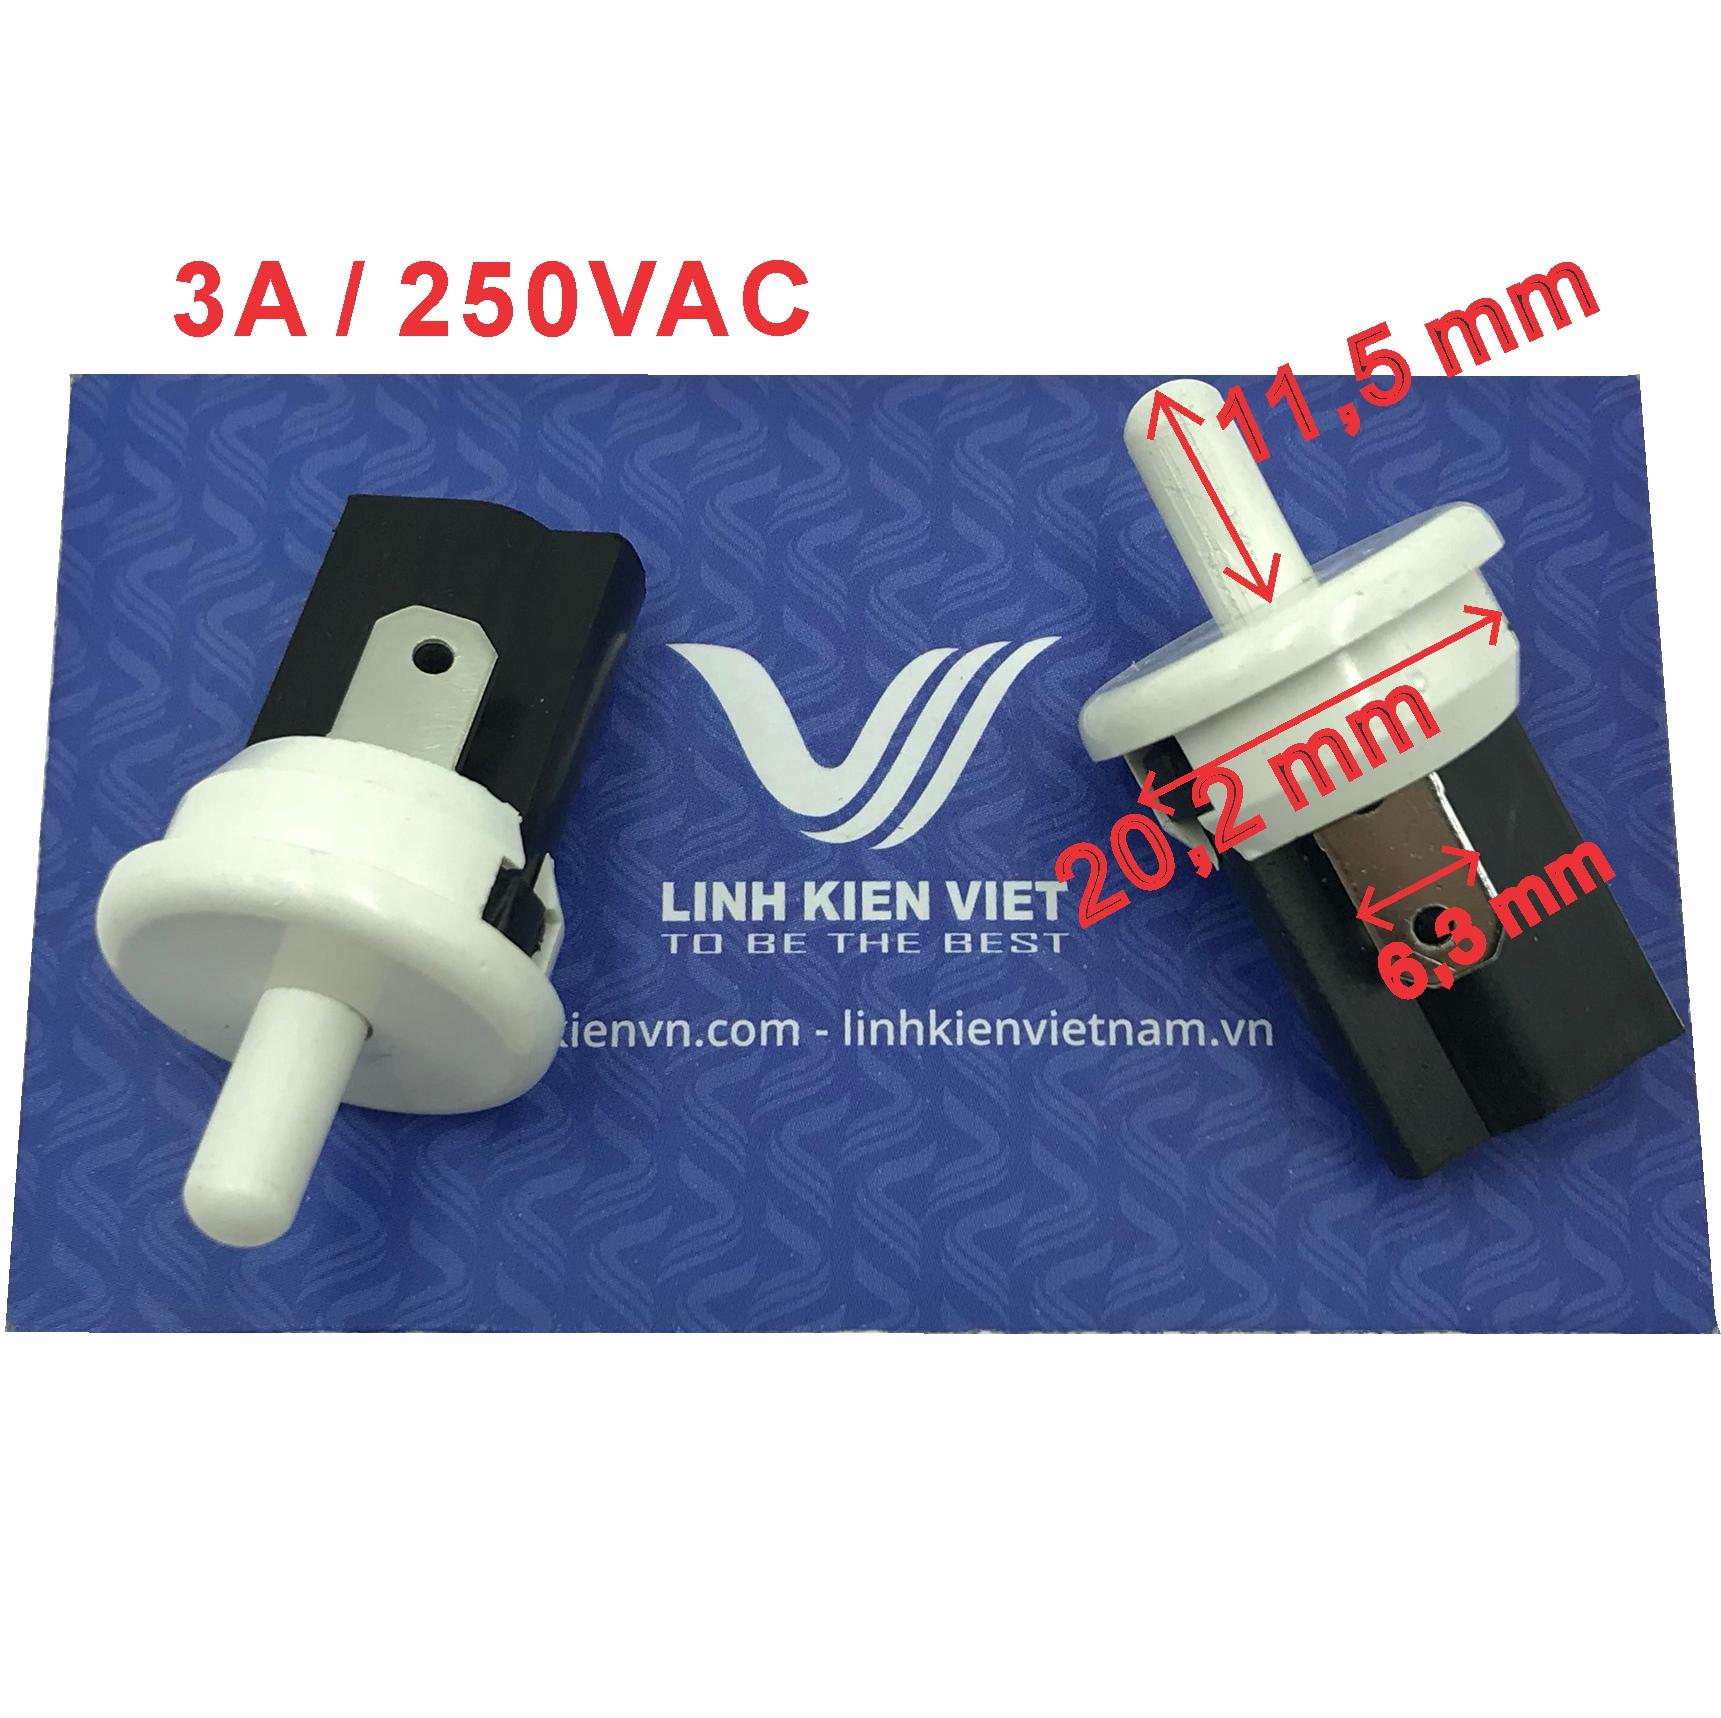 Công tắc tủ lạnh HC-056K thường đóng / Nút nhấn nhả  - X3H19